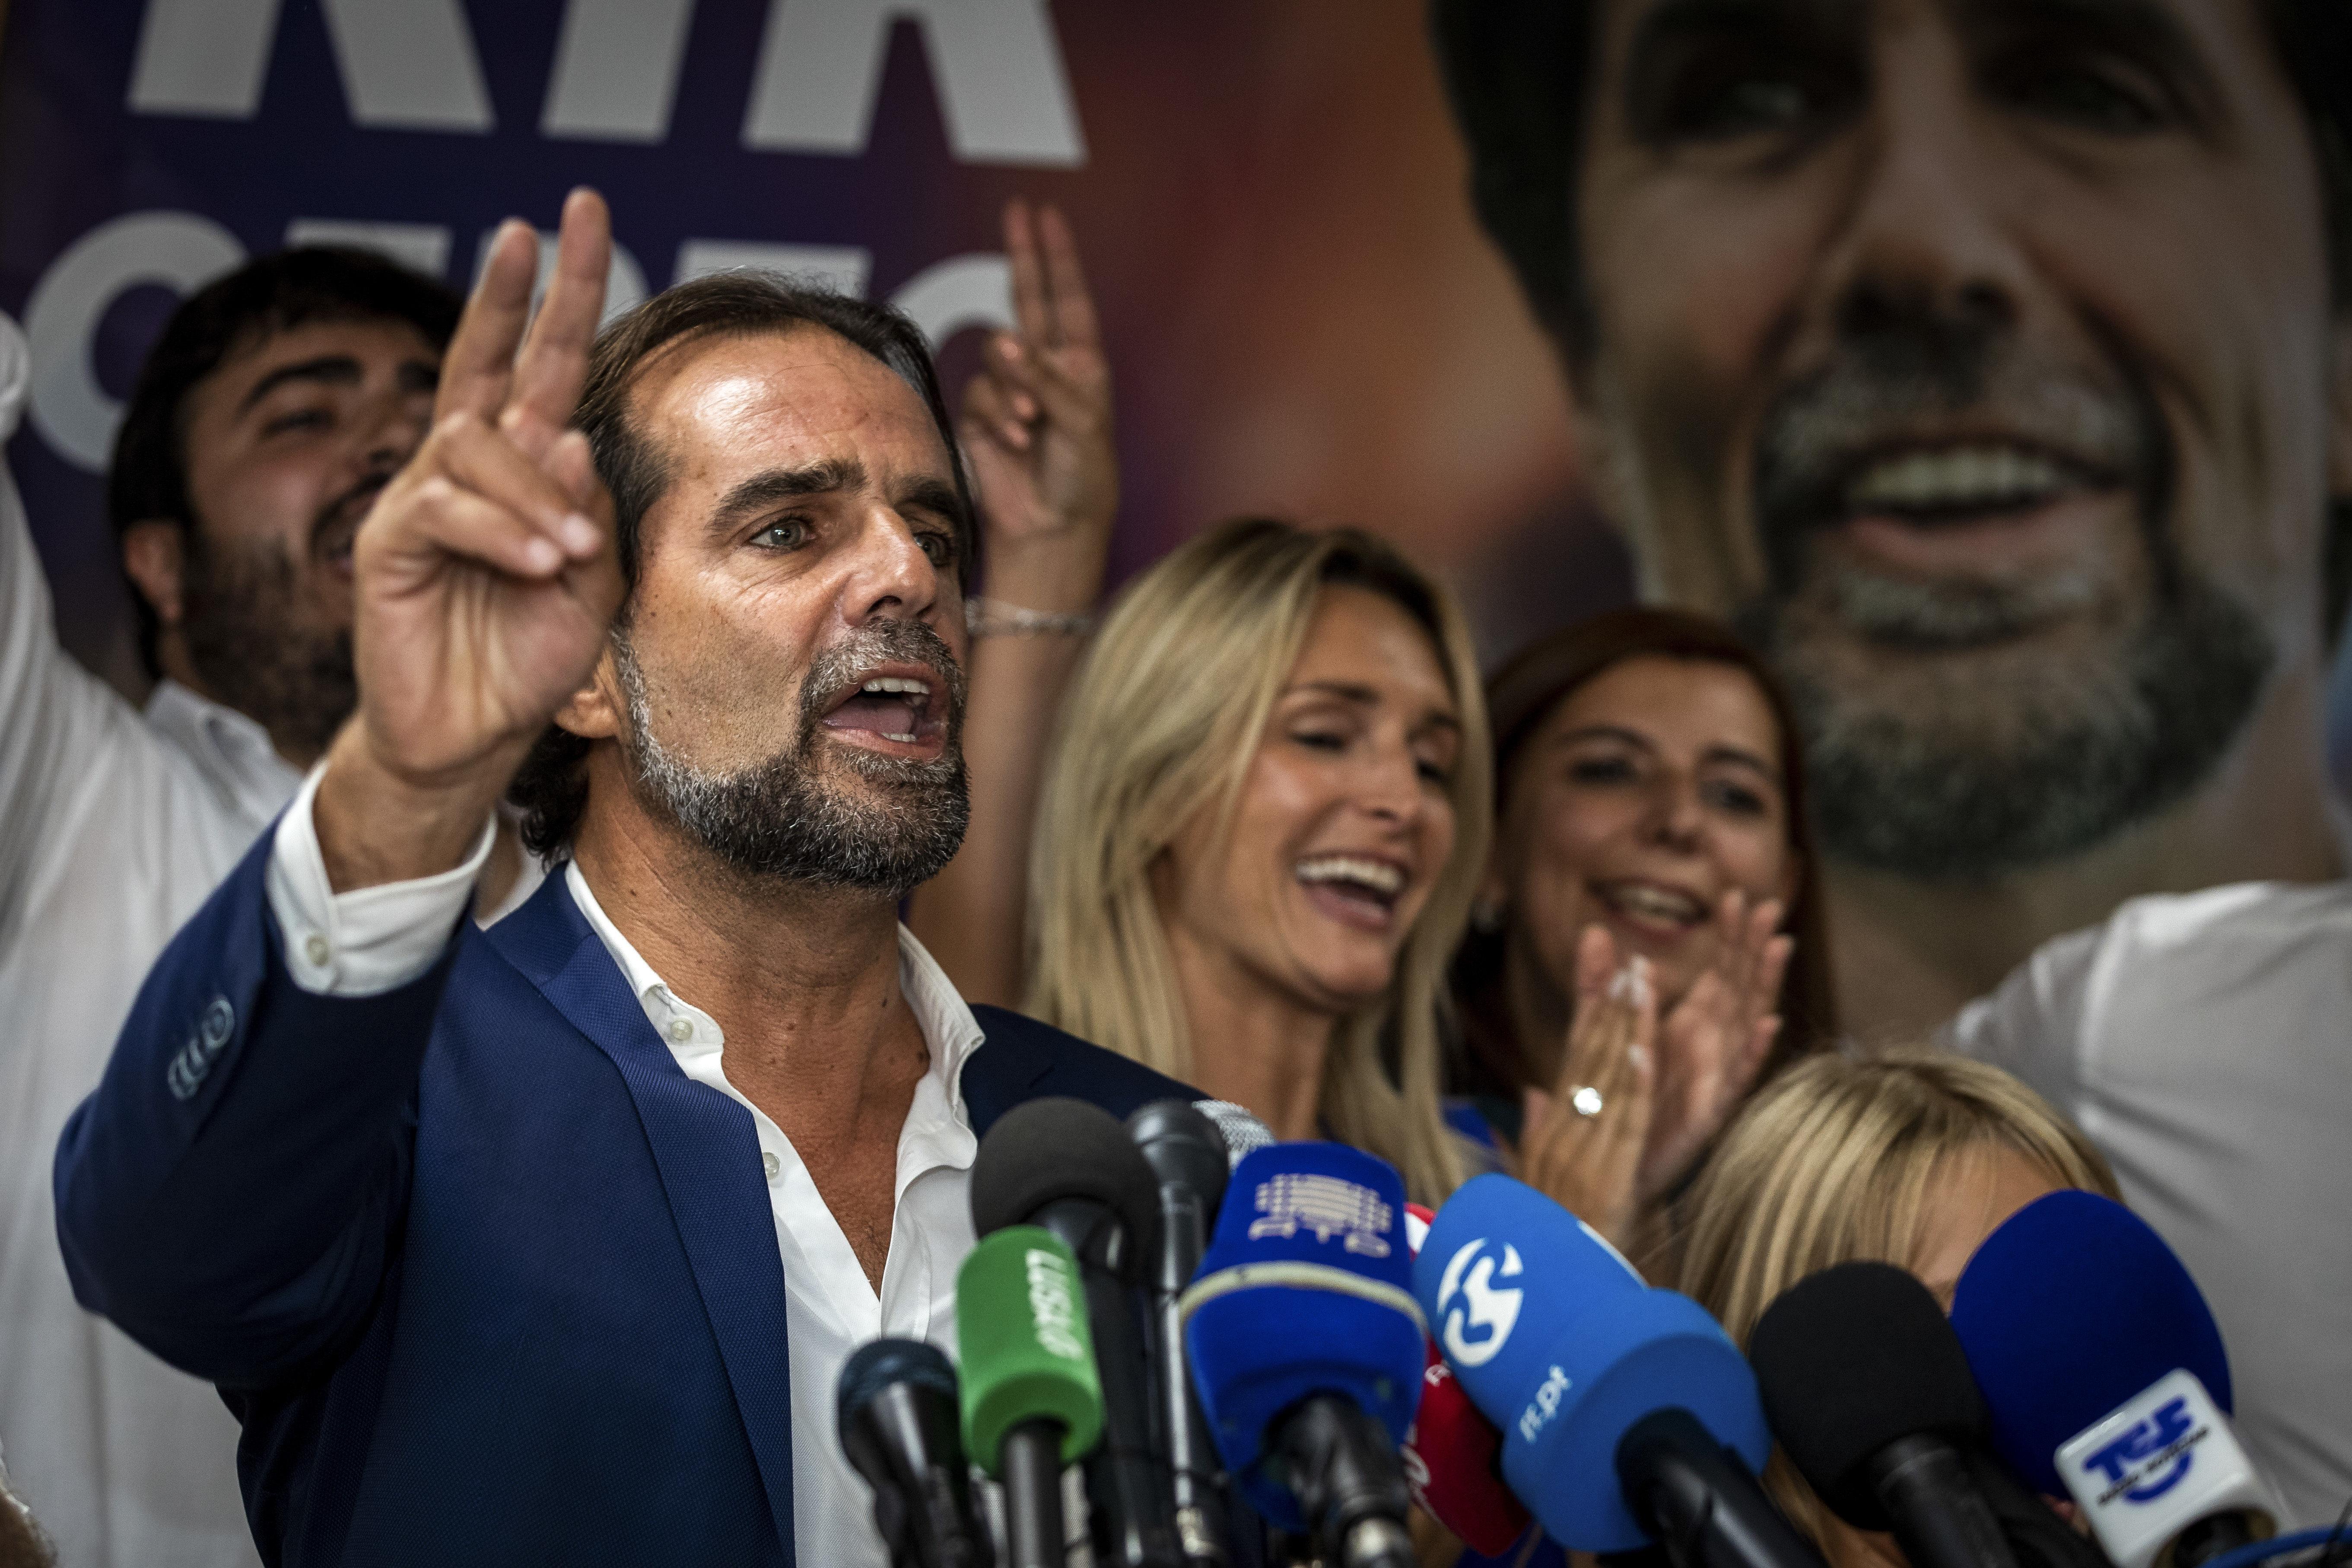 Eleições/Madeira: Miguel Albuquerque vence sem maioria e governará com o CDS